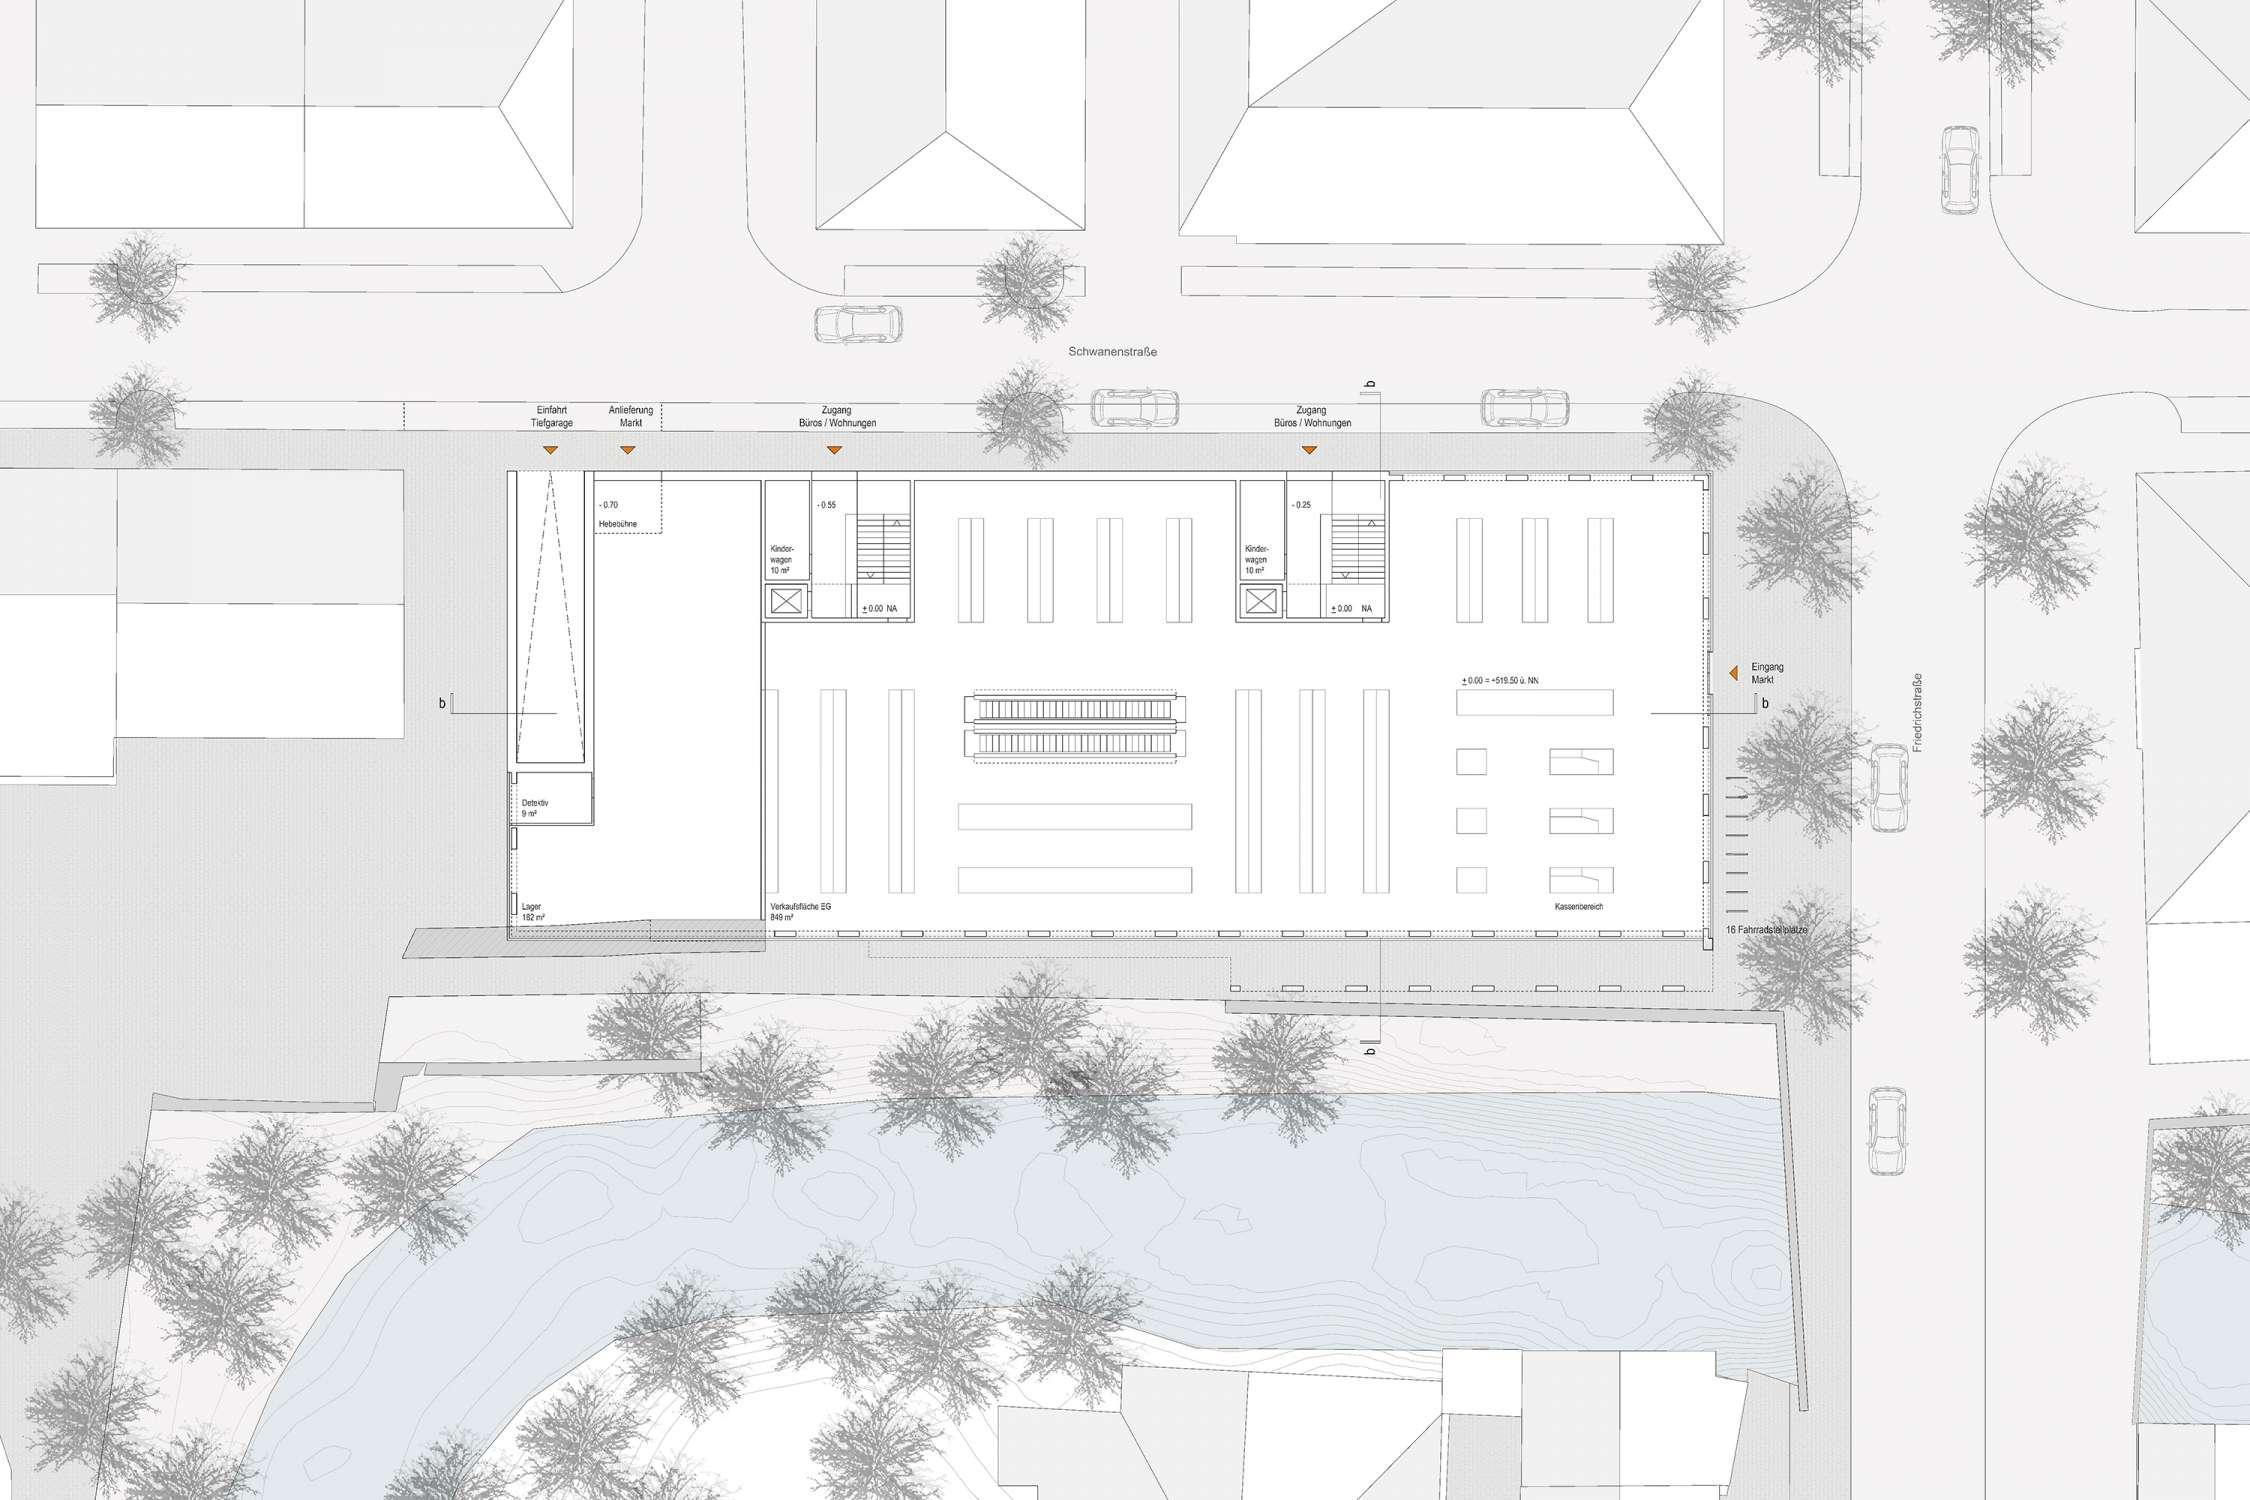 Wohn- und Geschäftshaus Schwanenstrasse (5)